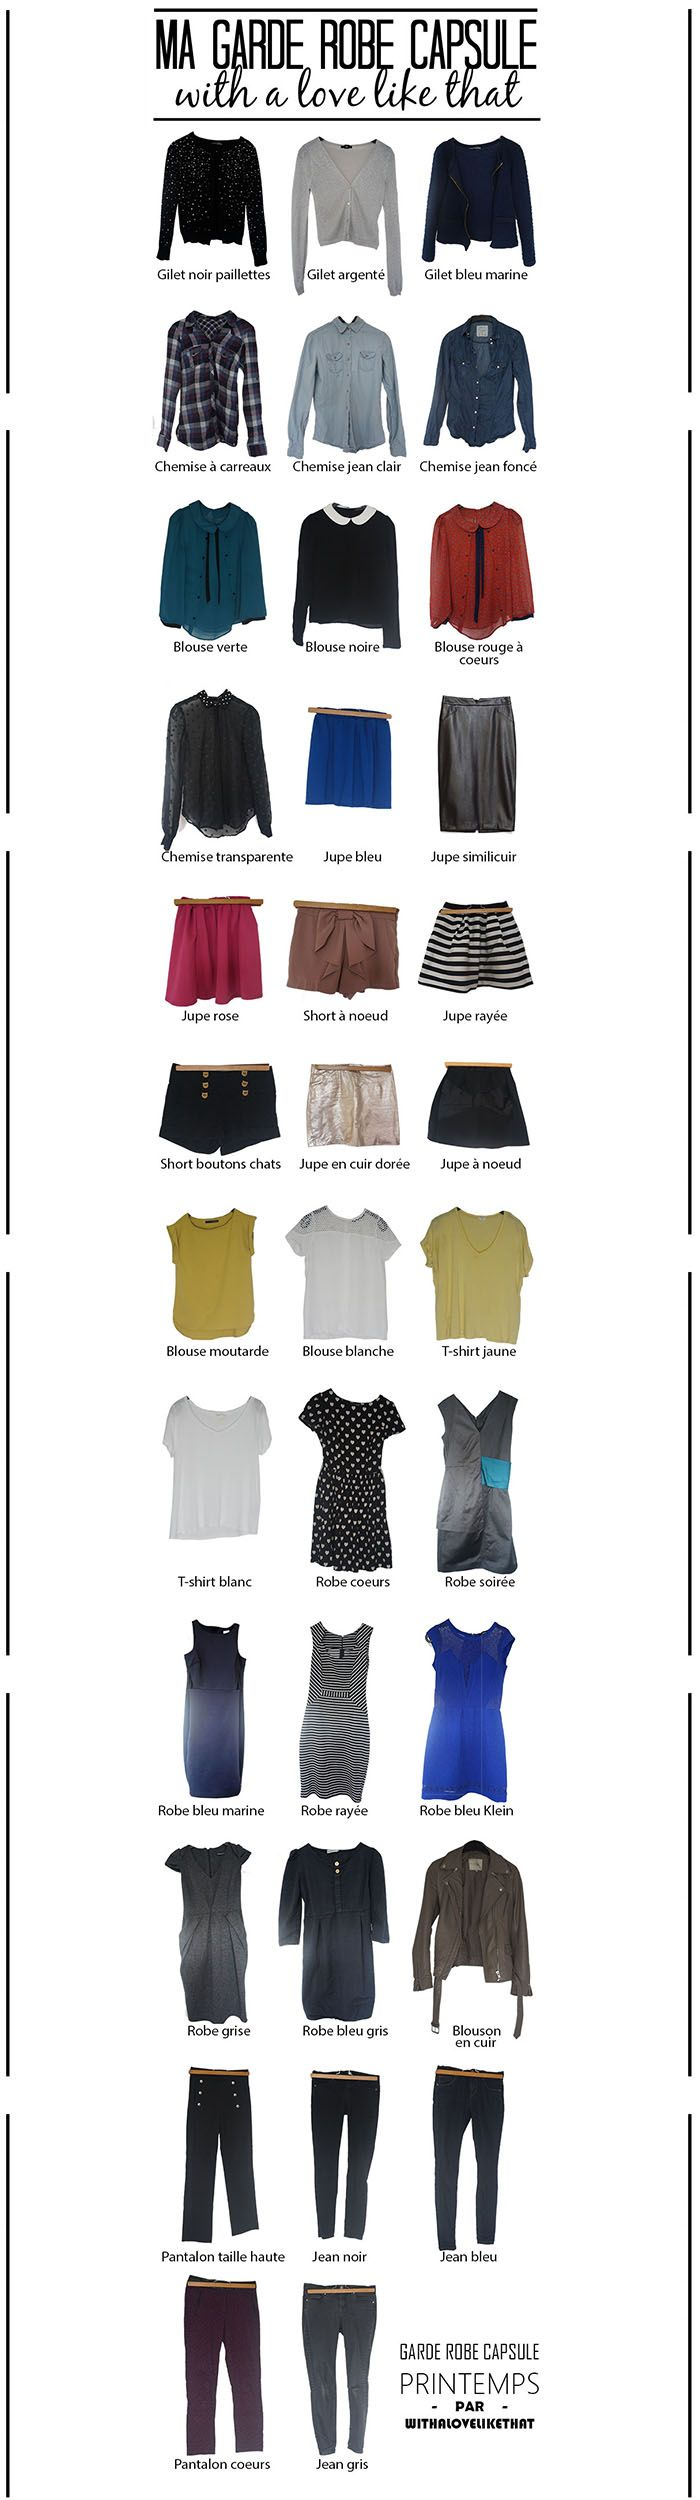 Ma garde robe capsule printemps, comment j'ai réussi à réduire le nombre de vêtements dans ma garde robe. Résultat, plus de simplicité et plus de style